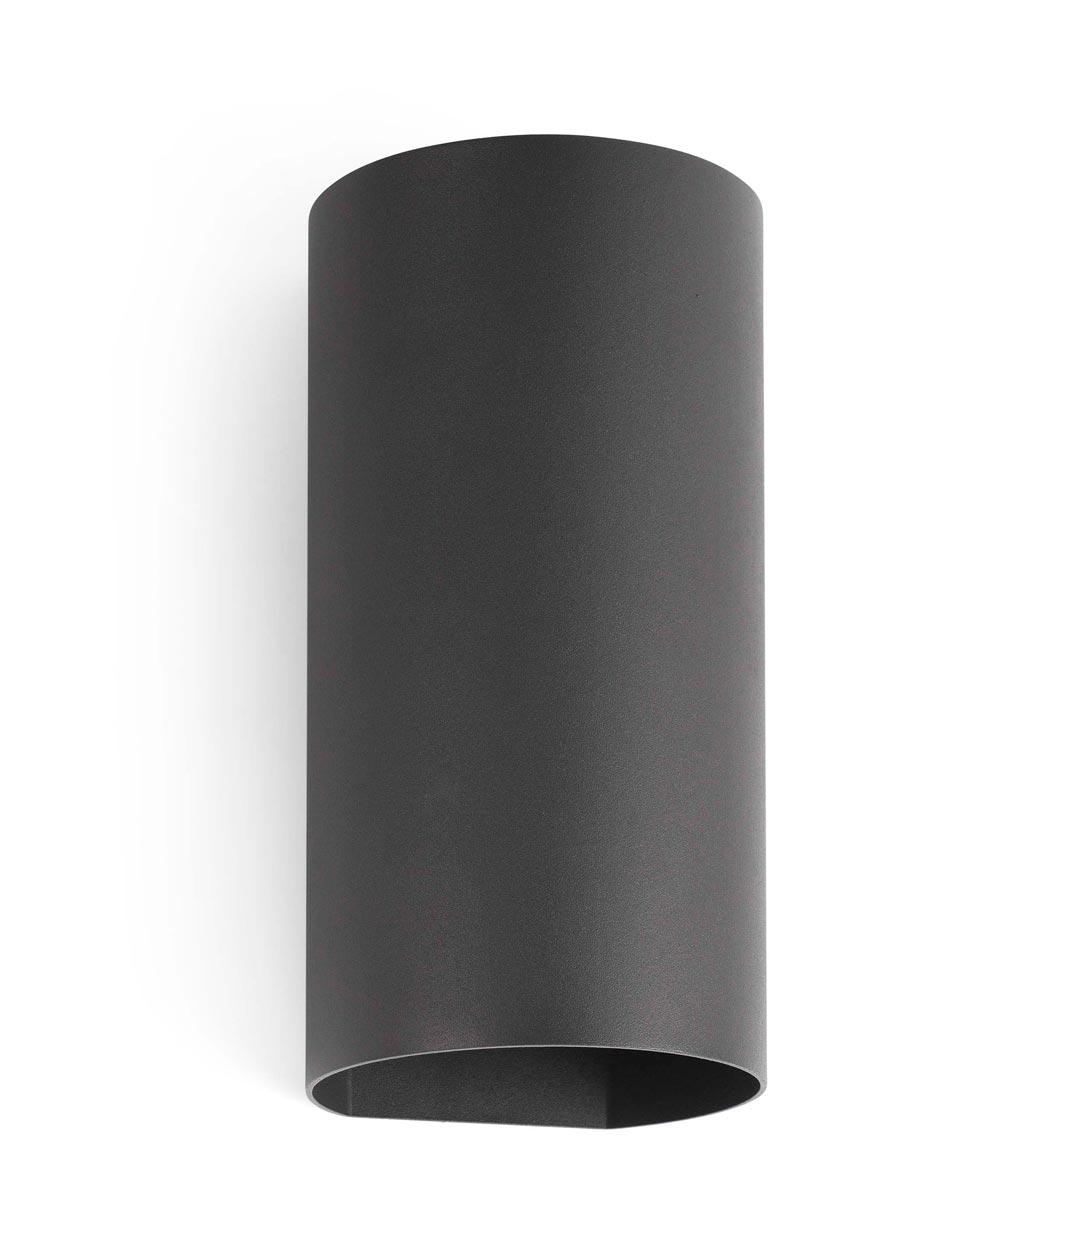 Luminaria exterior aplique gris oscuro bruc led for Aplique exterior led